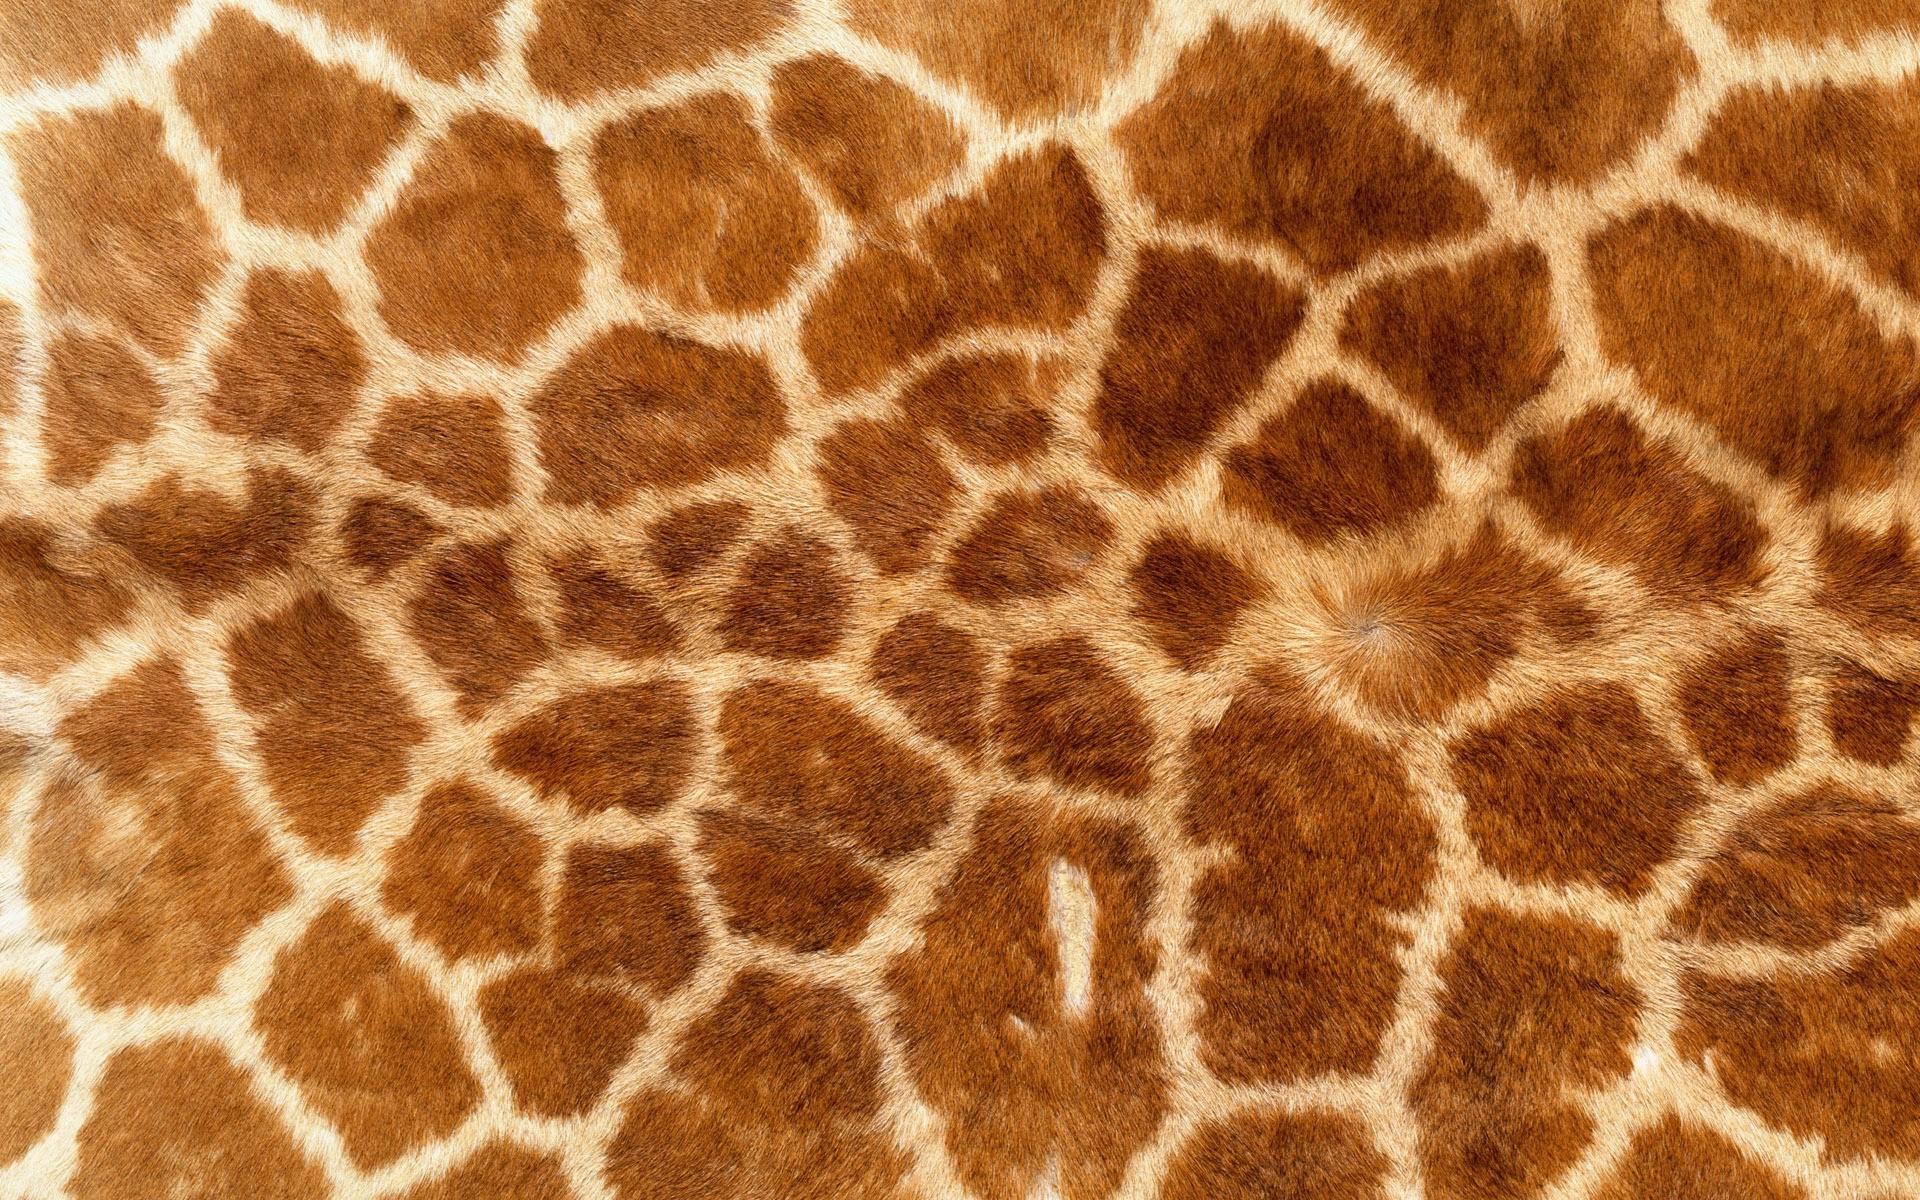 デスクトップ壁紙 キリン パターン 野生動物 毛皮 動物柄 動物相 哺乳類 19x10 Px 鼻 ギラ科 生物 Terrestrial Animal 19x10 Wallhaven デスクトップ壁紙 Wallhere